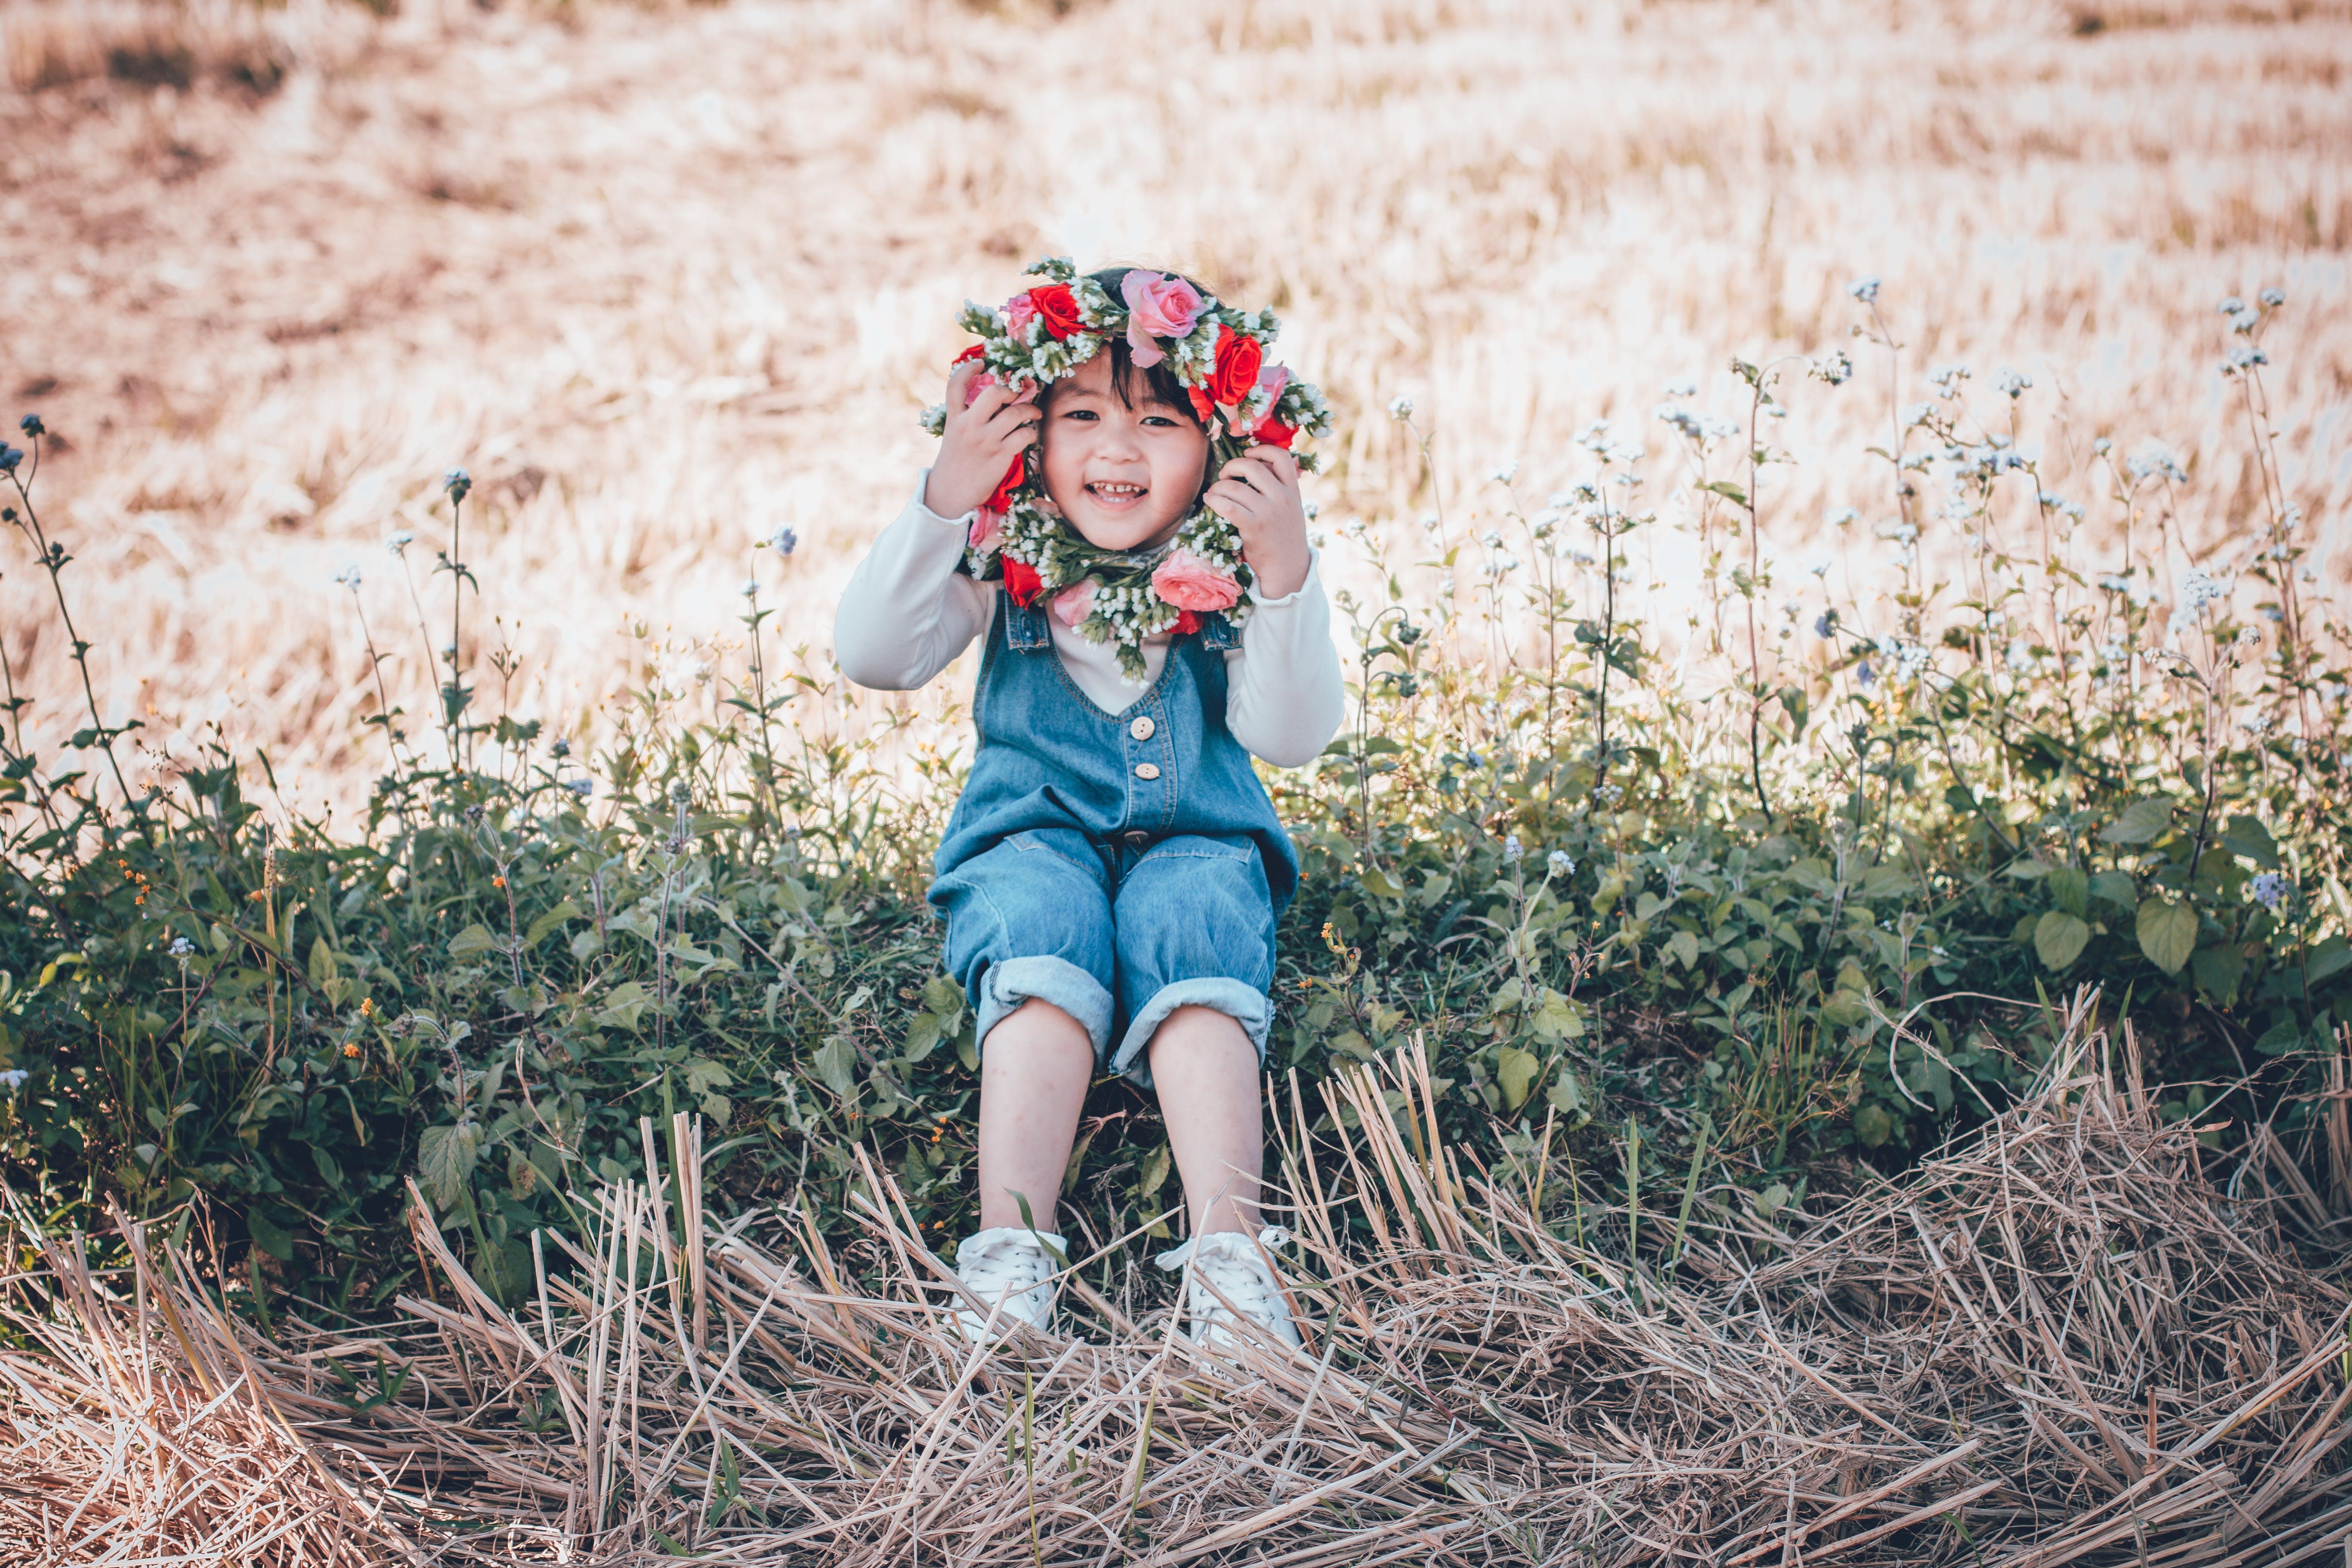 Δωρεάν στοκ φωτογραφιών με αγρόκτημα, ασιατικό κορίτσι, γήπεδο, γρασίδι